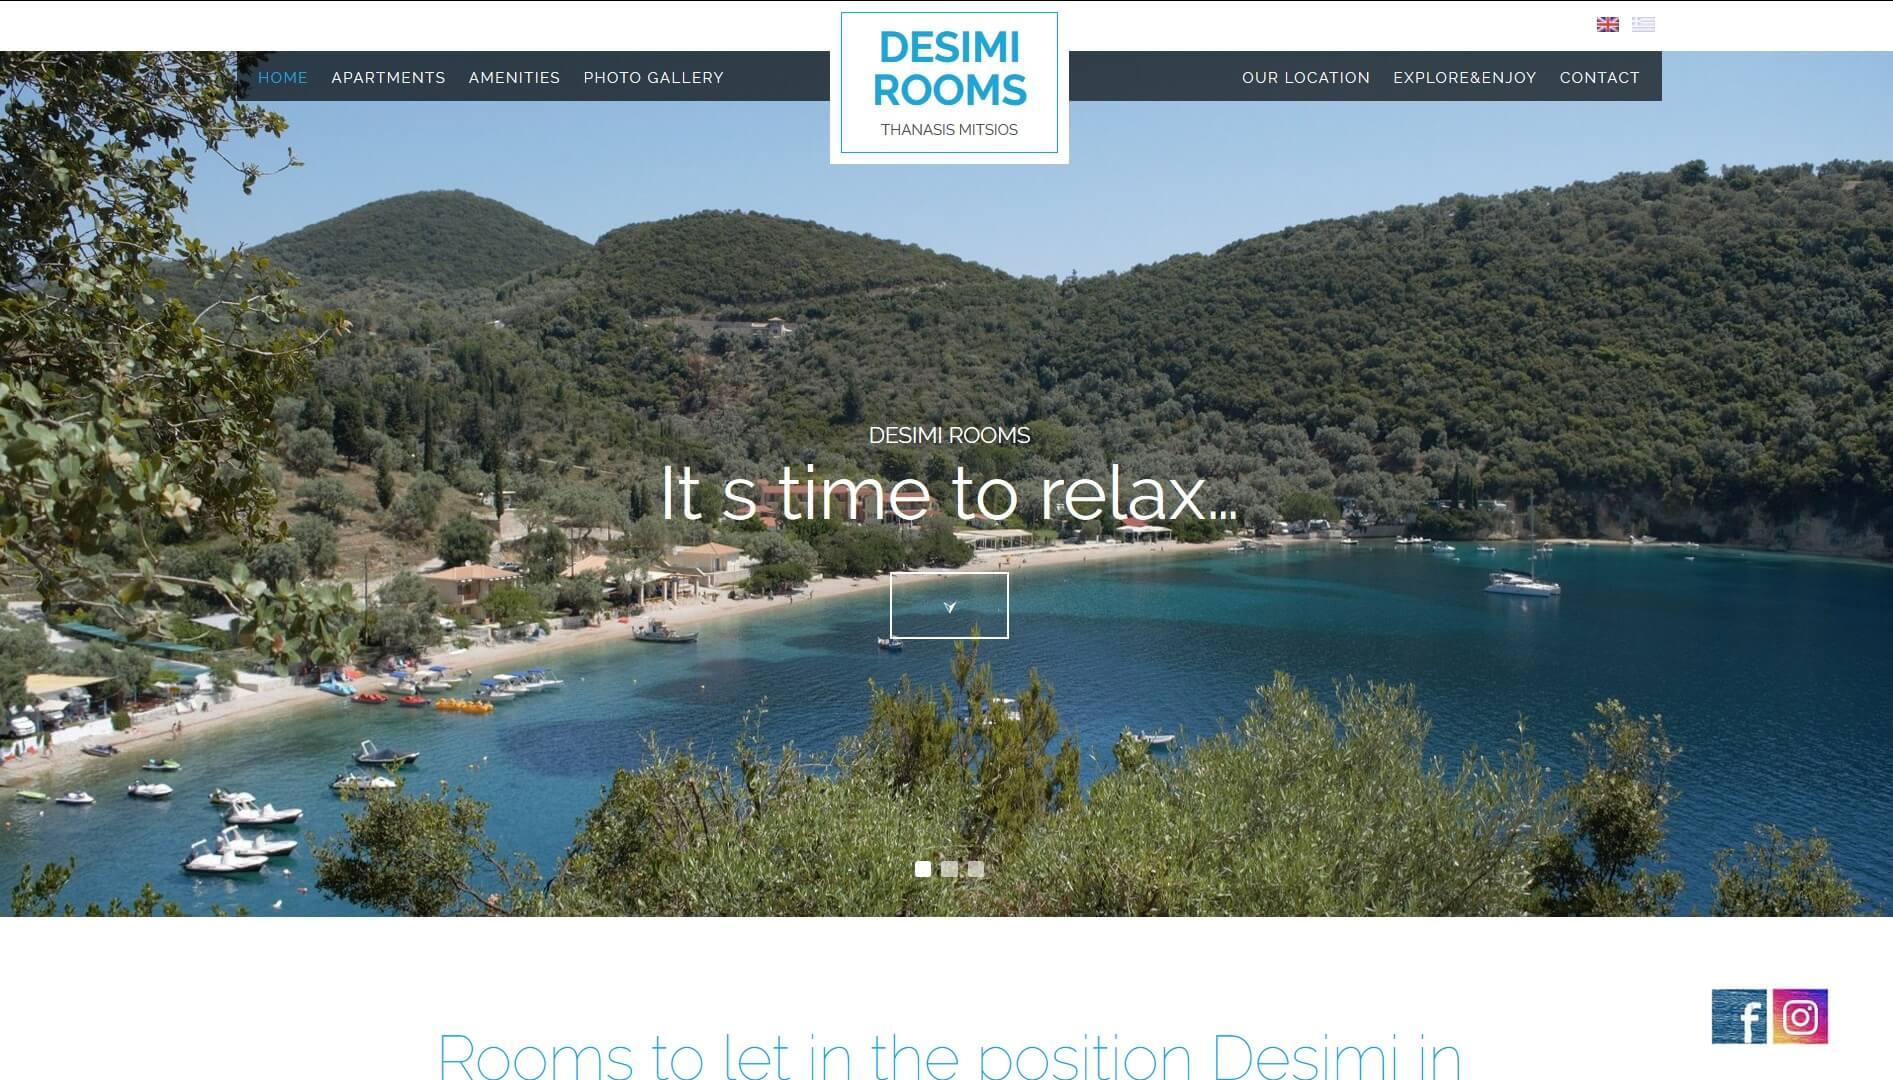 Desimi Rooms